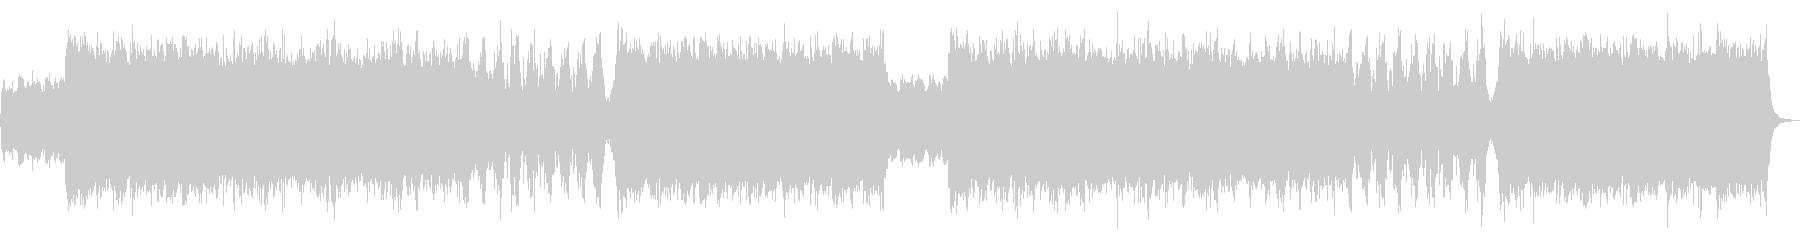 迫力あるシネマティック系オーケストラの未再生の波形